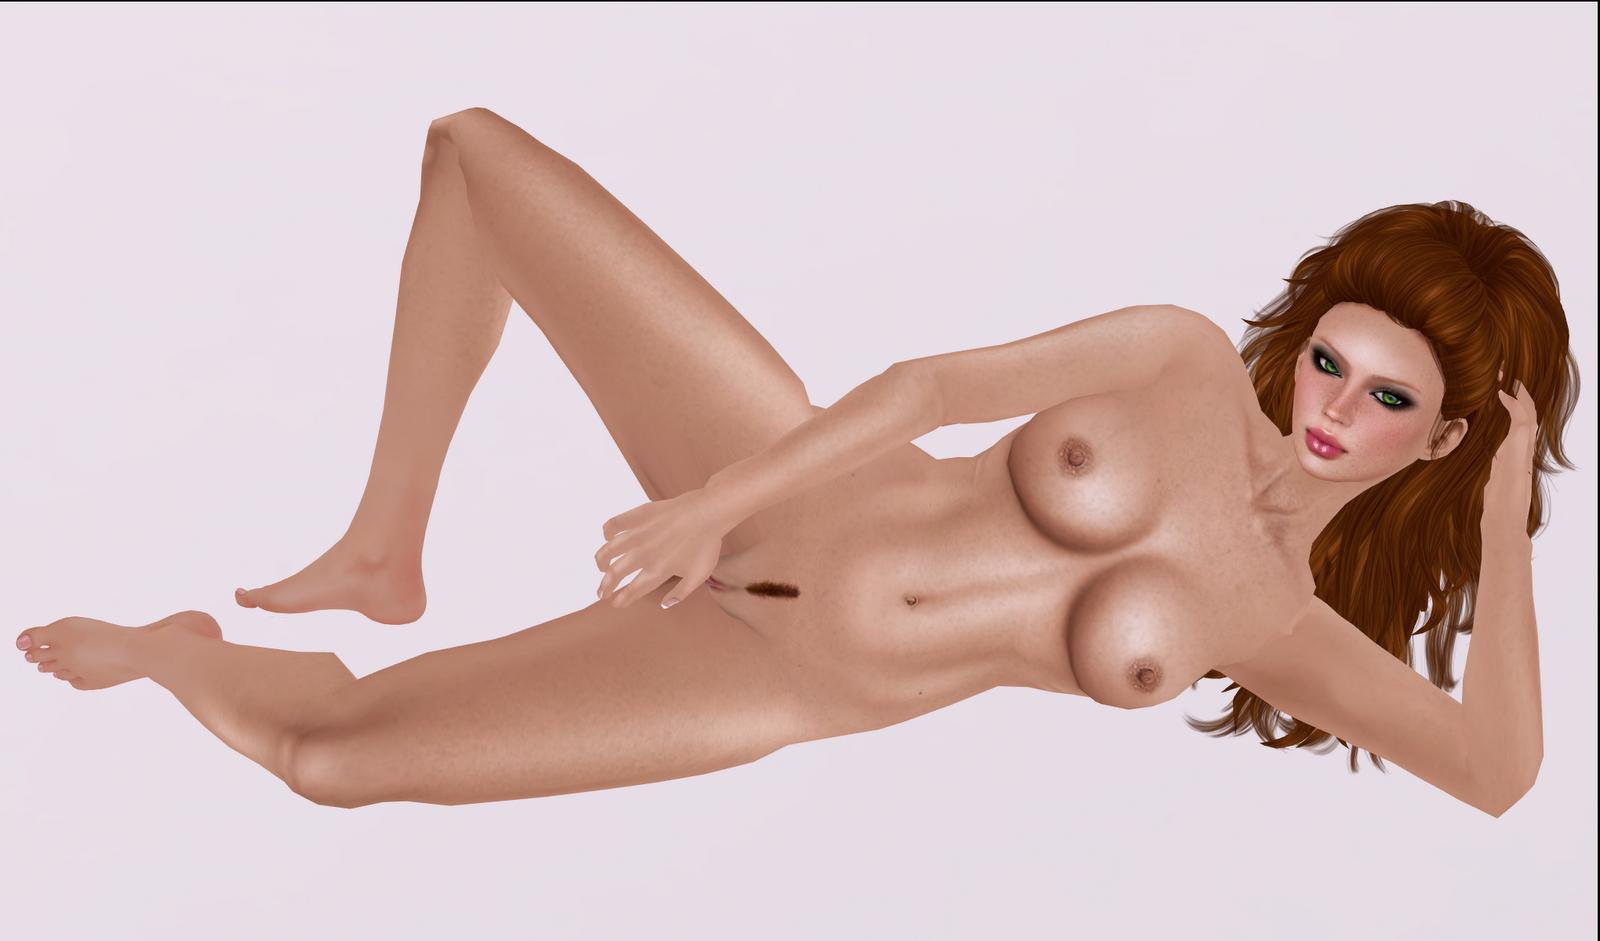 Virtual Vagina 31